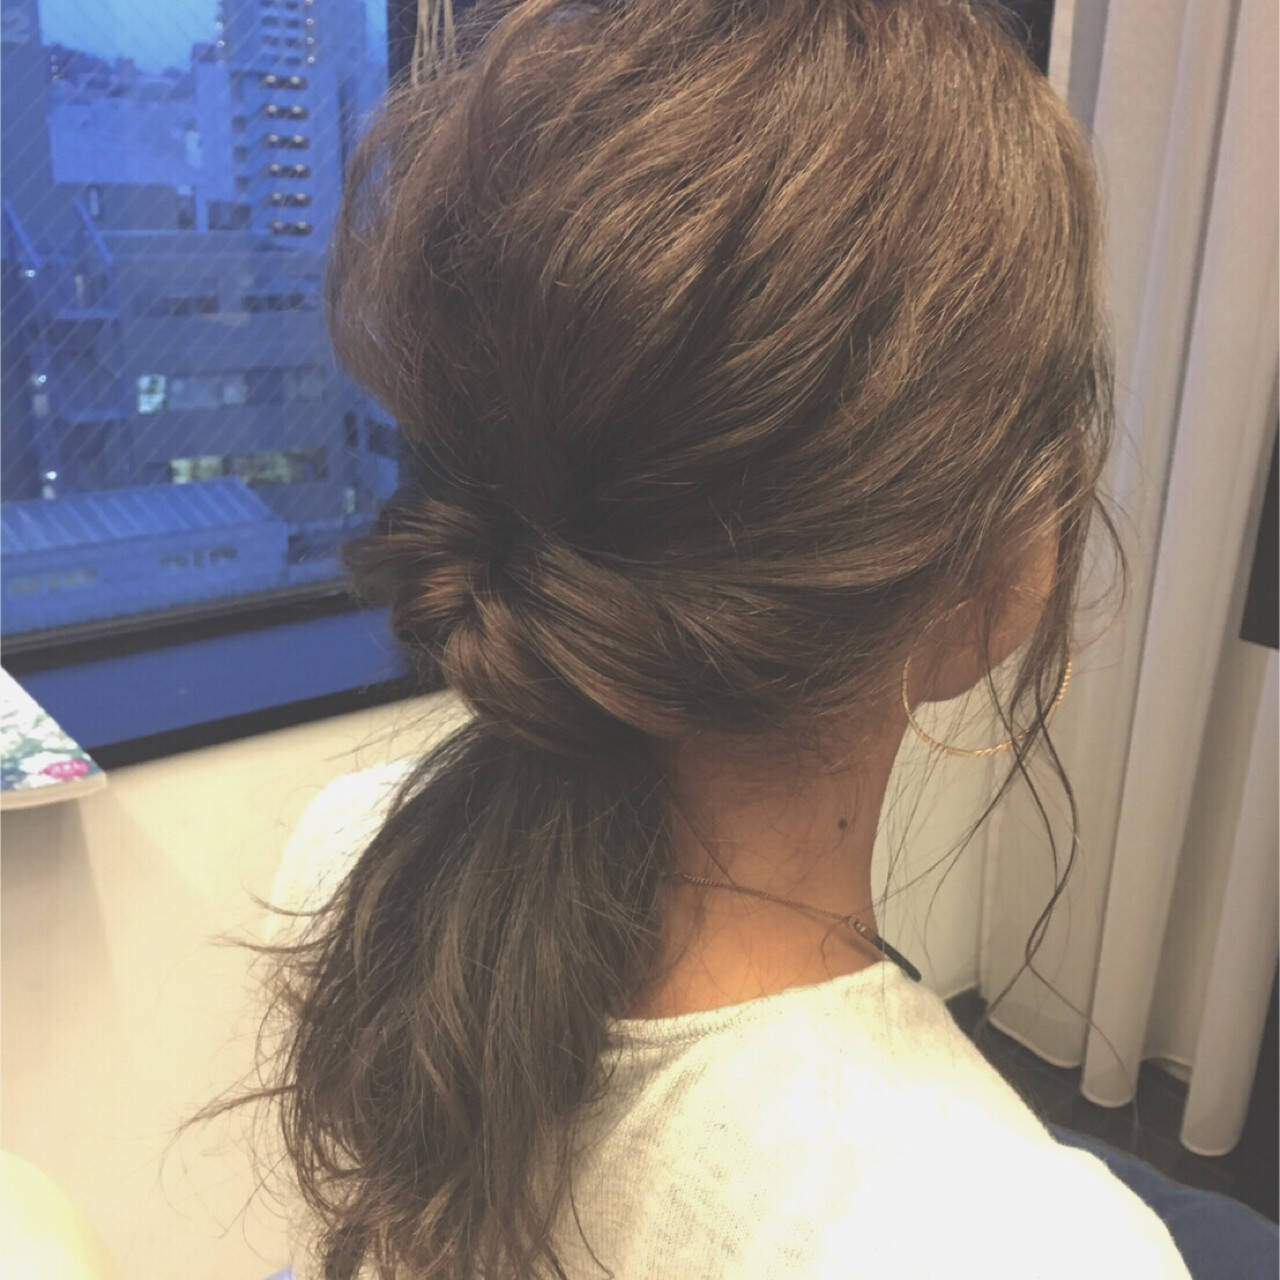 セミロング 暗髪 簡単ヘアアレンジ 大人かわいいヘアスタイルや髪型の写真・画像